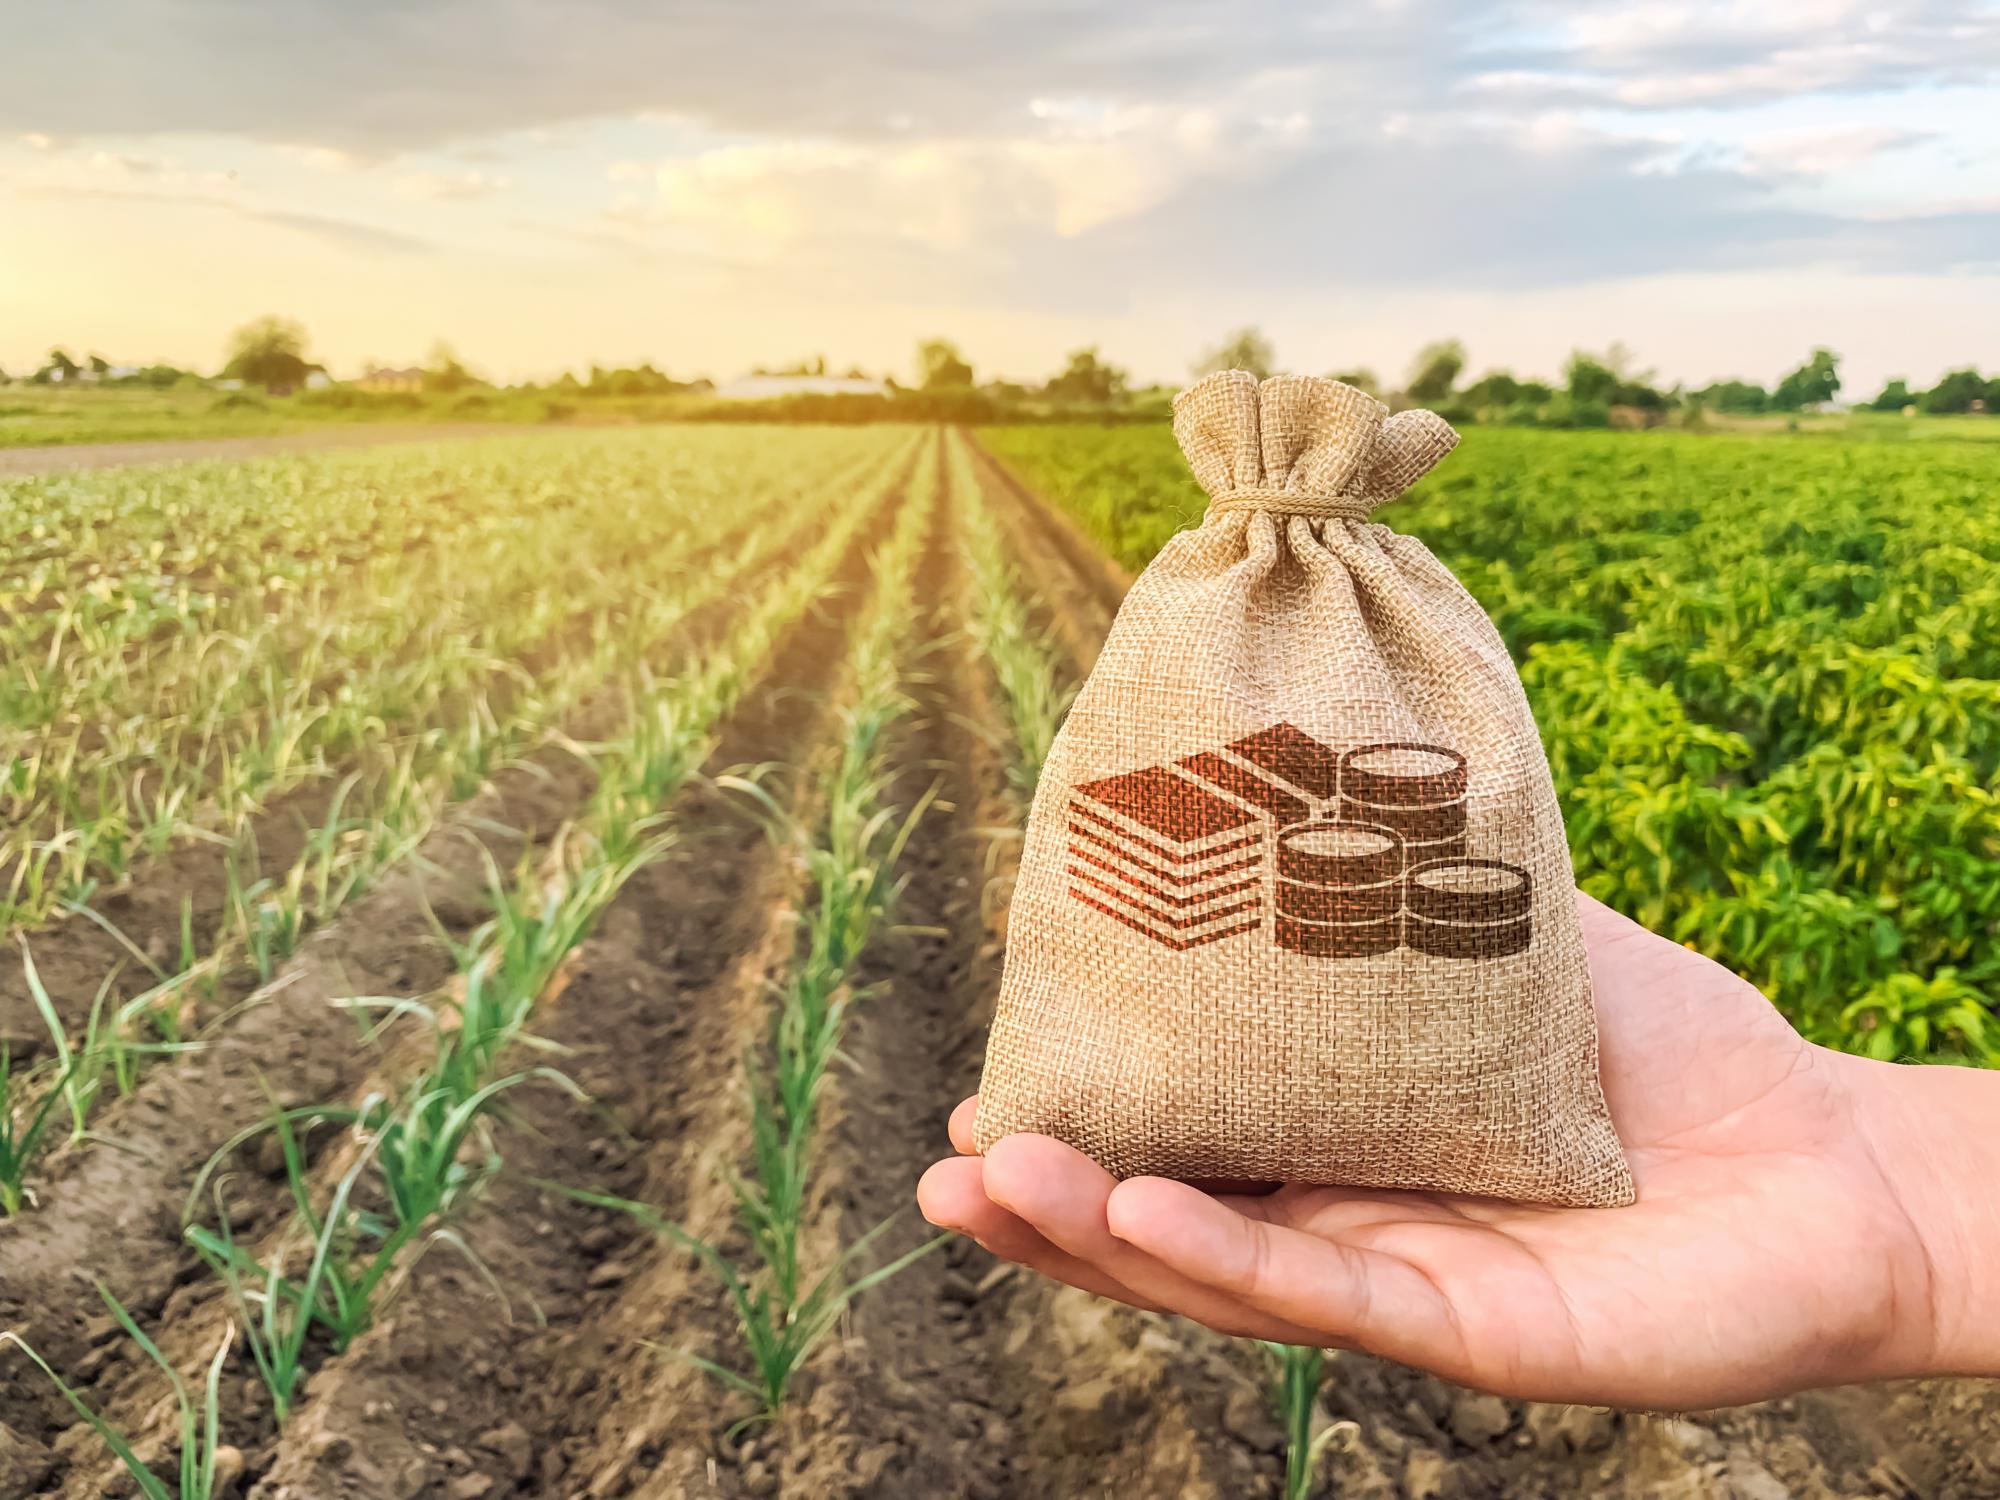 Разъяснен порядок применения измененной кадастровой стоимости земельного участка для целей налогообложения